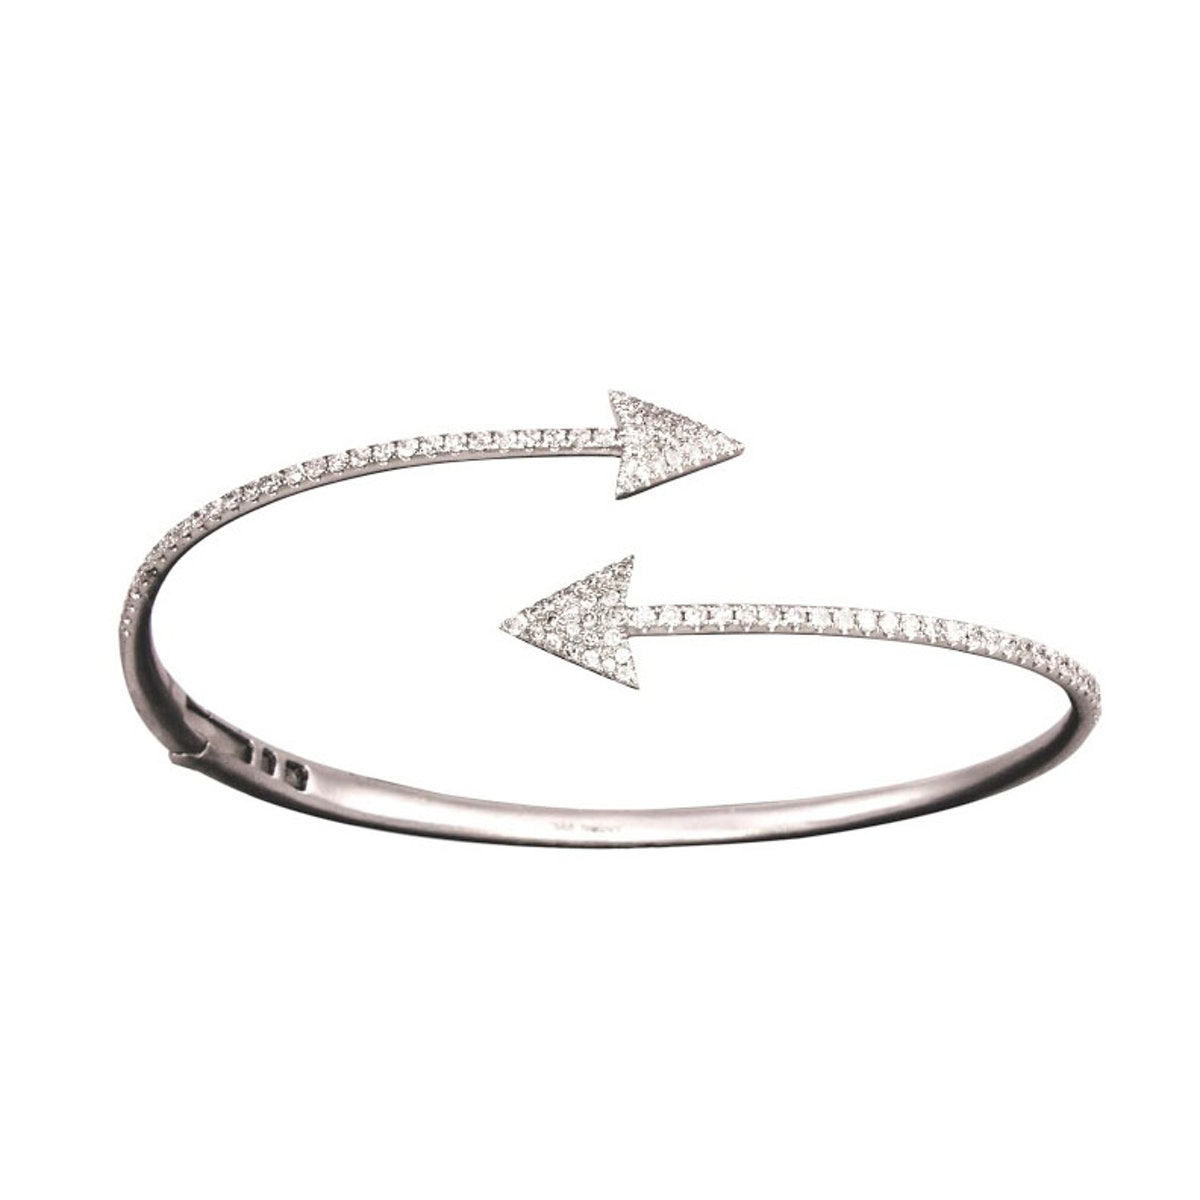 Meira T 18k white gold and diamonds bracelet